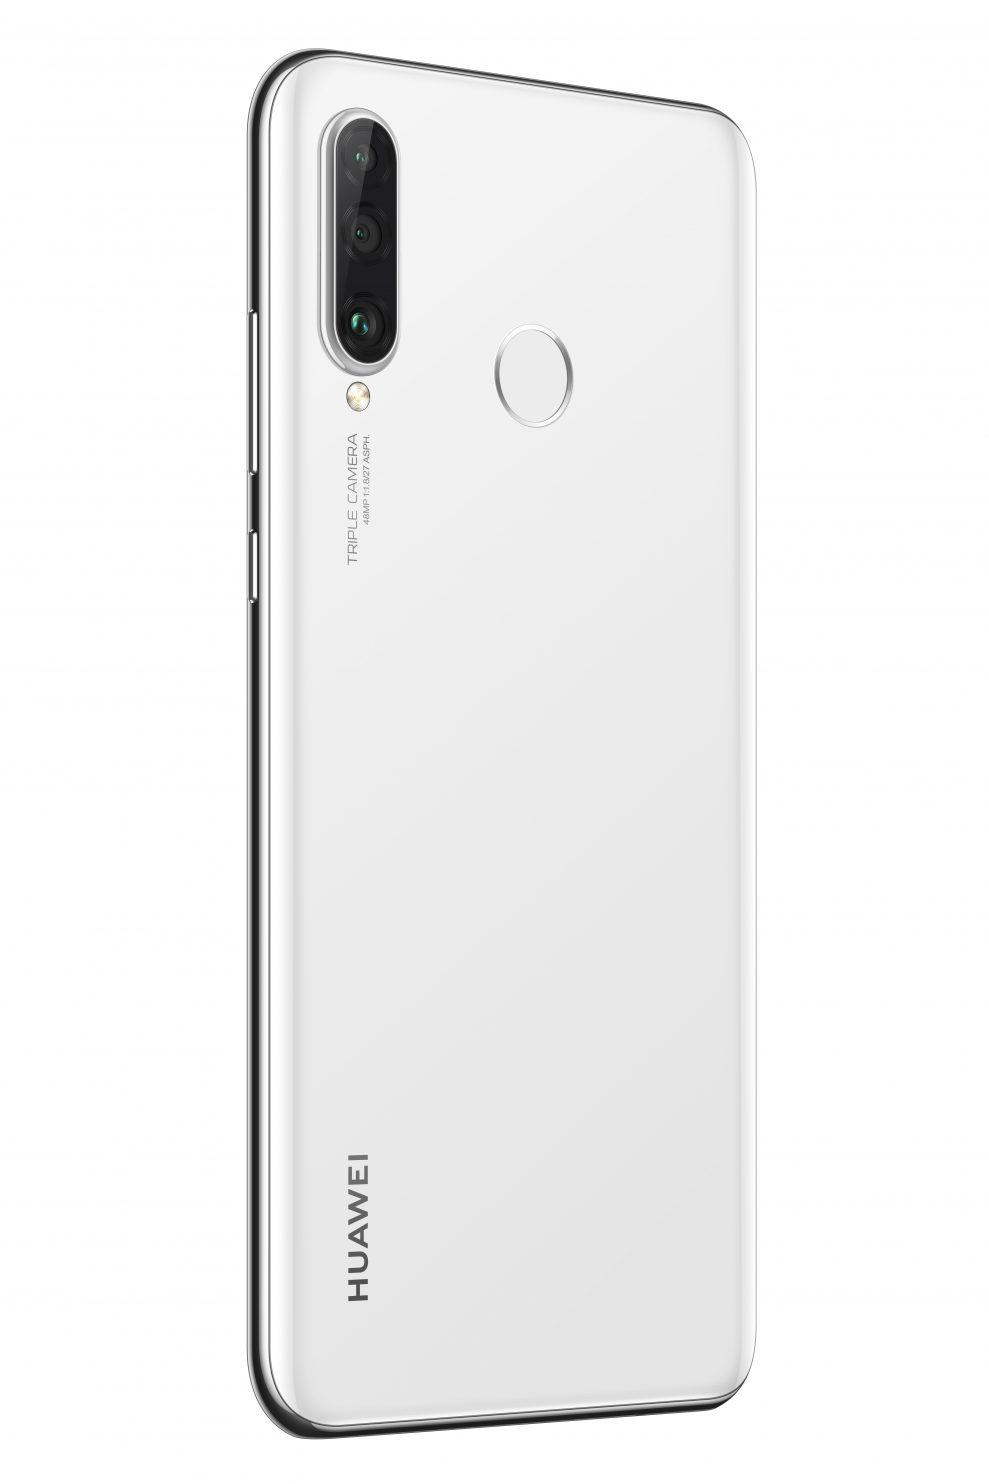 På baksidan sitter en trippelkamera och fingeravtrycksläsaren. Foto: Huawei